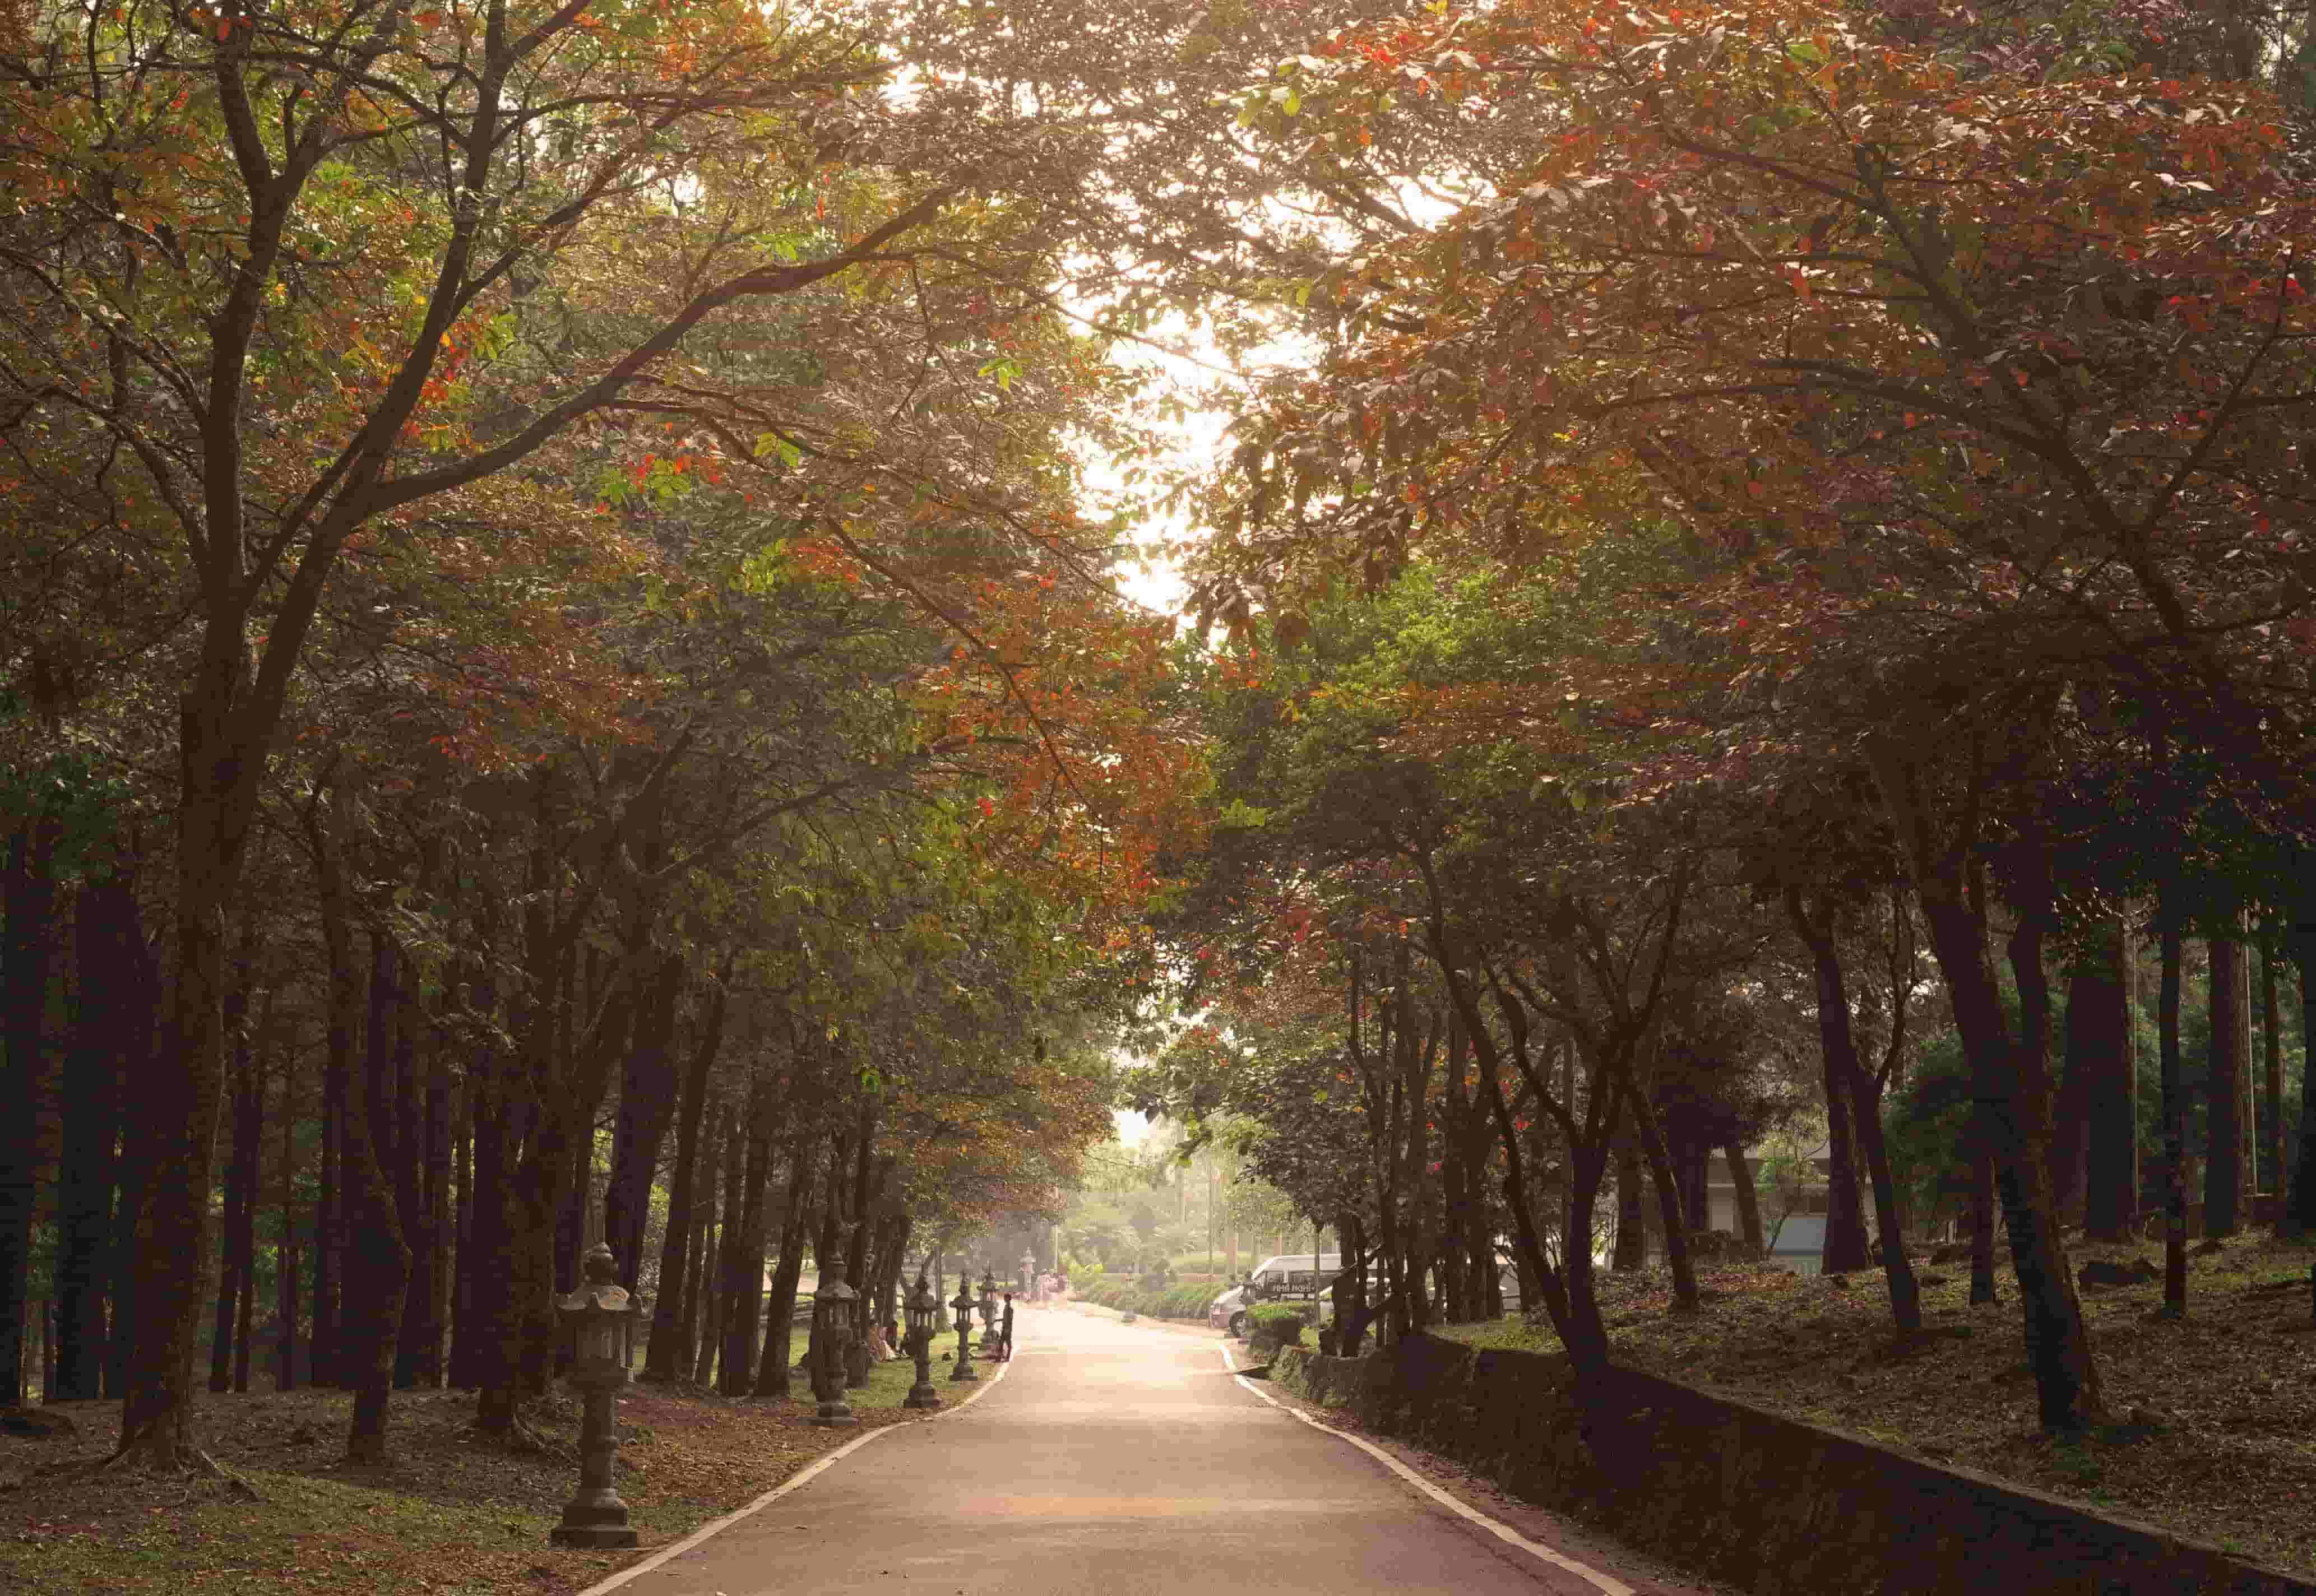 vườn quốc gia ba vì phù hợp để đi dã ngoại